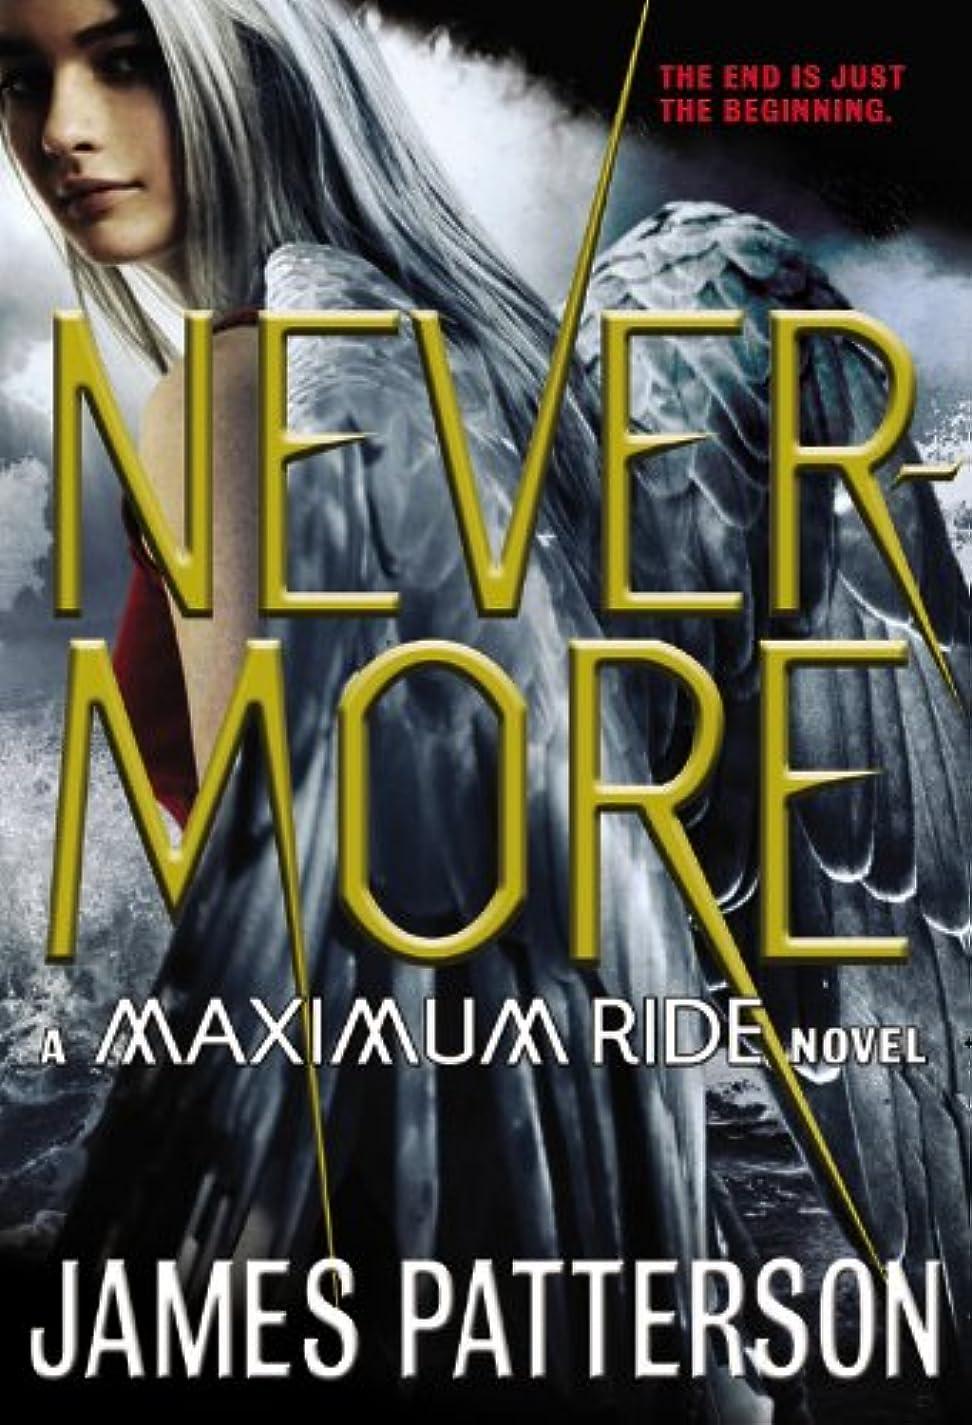 見る人リラックスしたアクセスできないNevermore: A Maximum Ride Novel